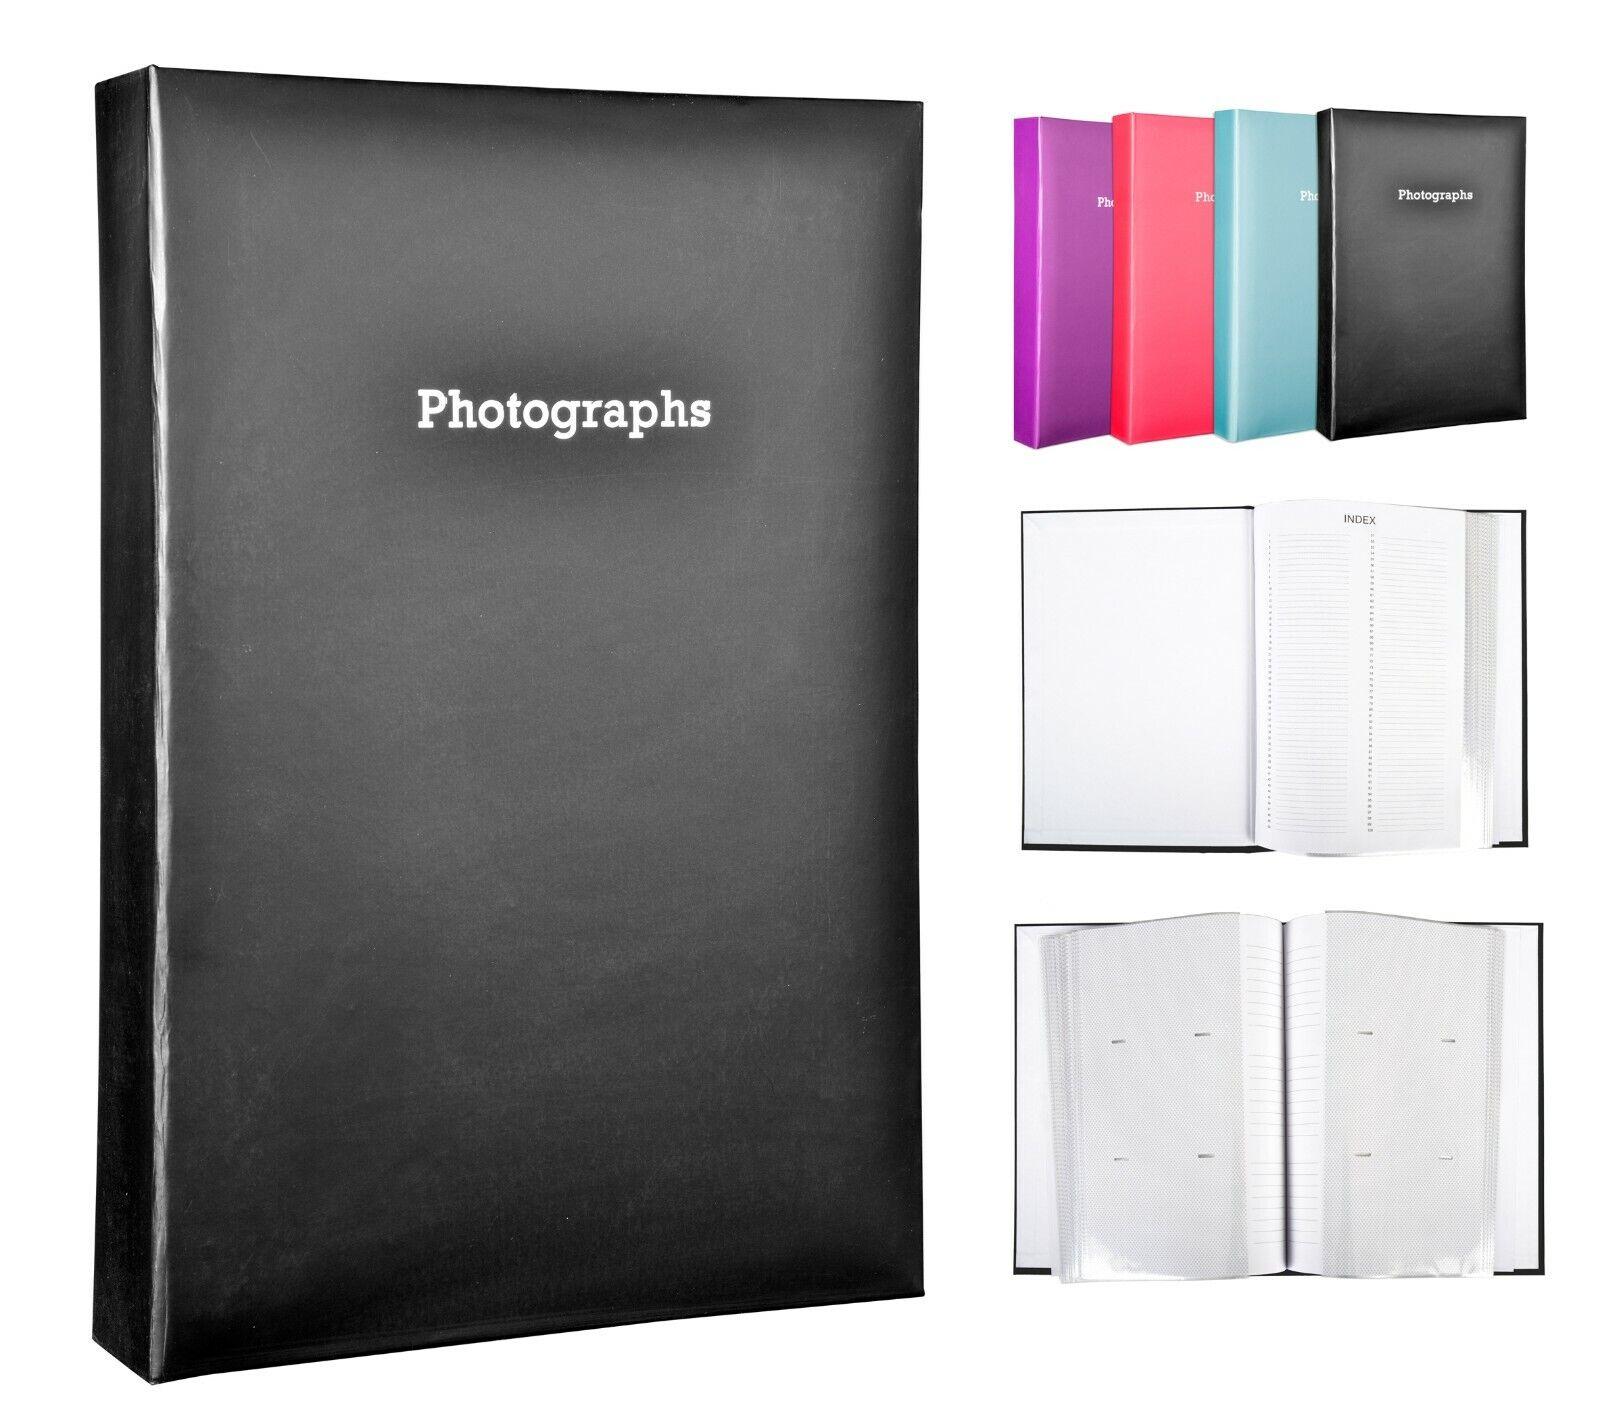 Large Black Memo Slip In Photo Album Holds 300 6 x 4 Photos (10x15cm)